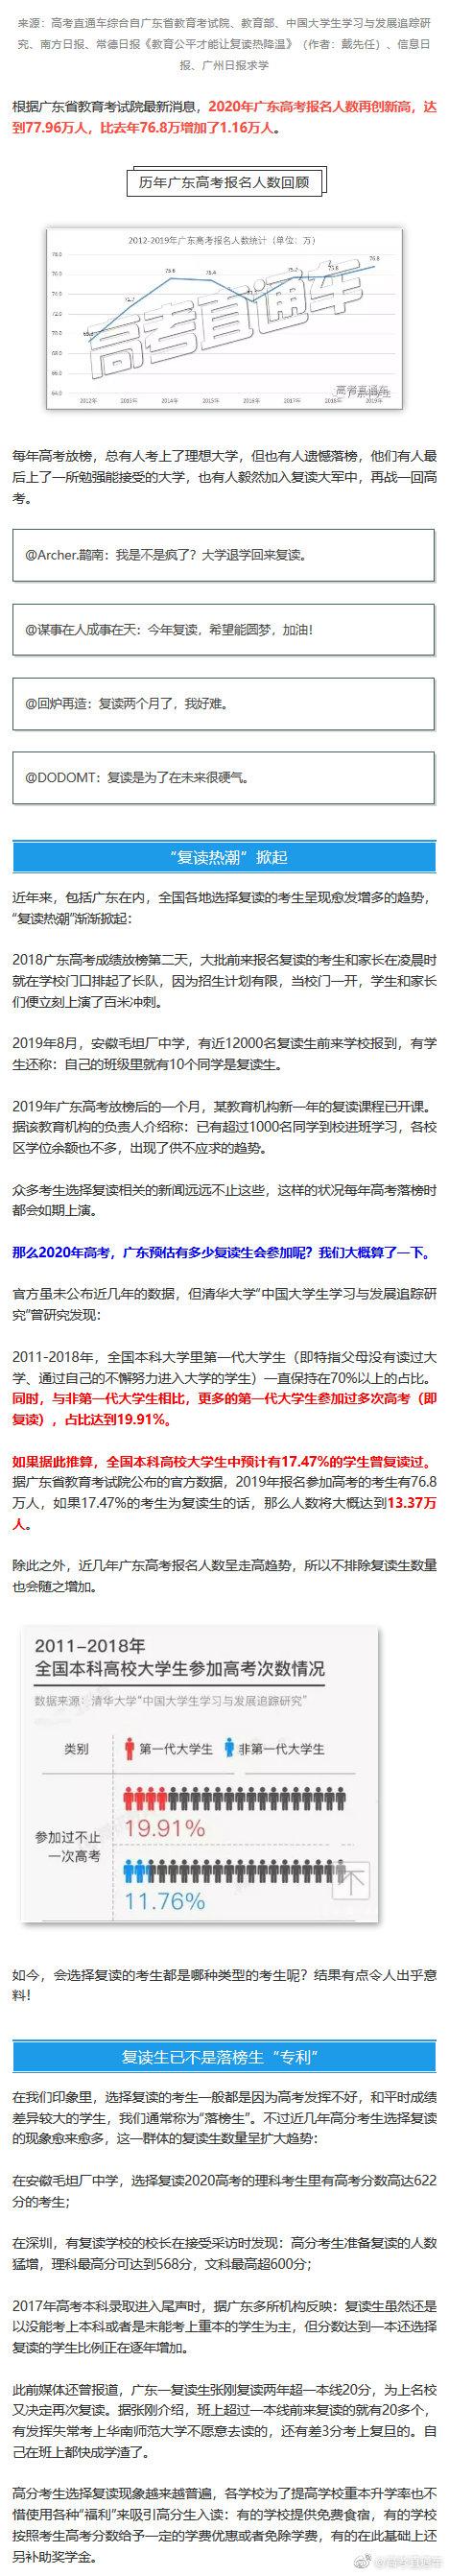 又创新高!广东高考77.96万人报名!其中或有14万复读生